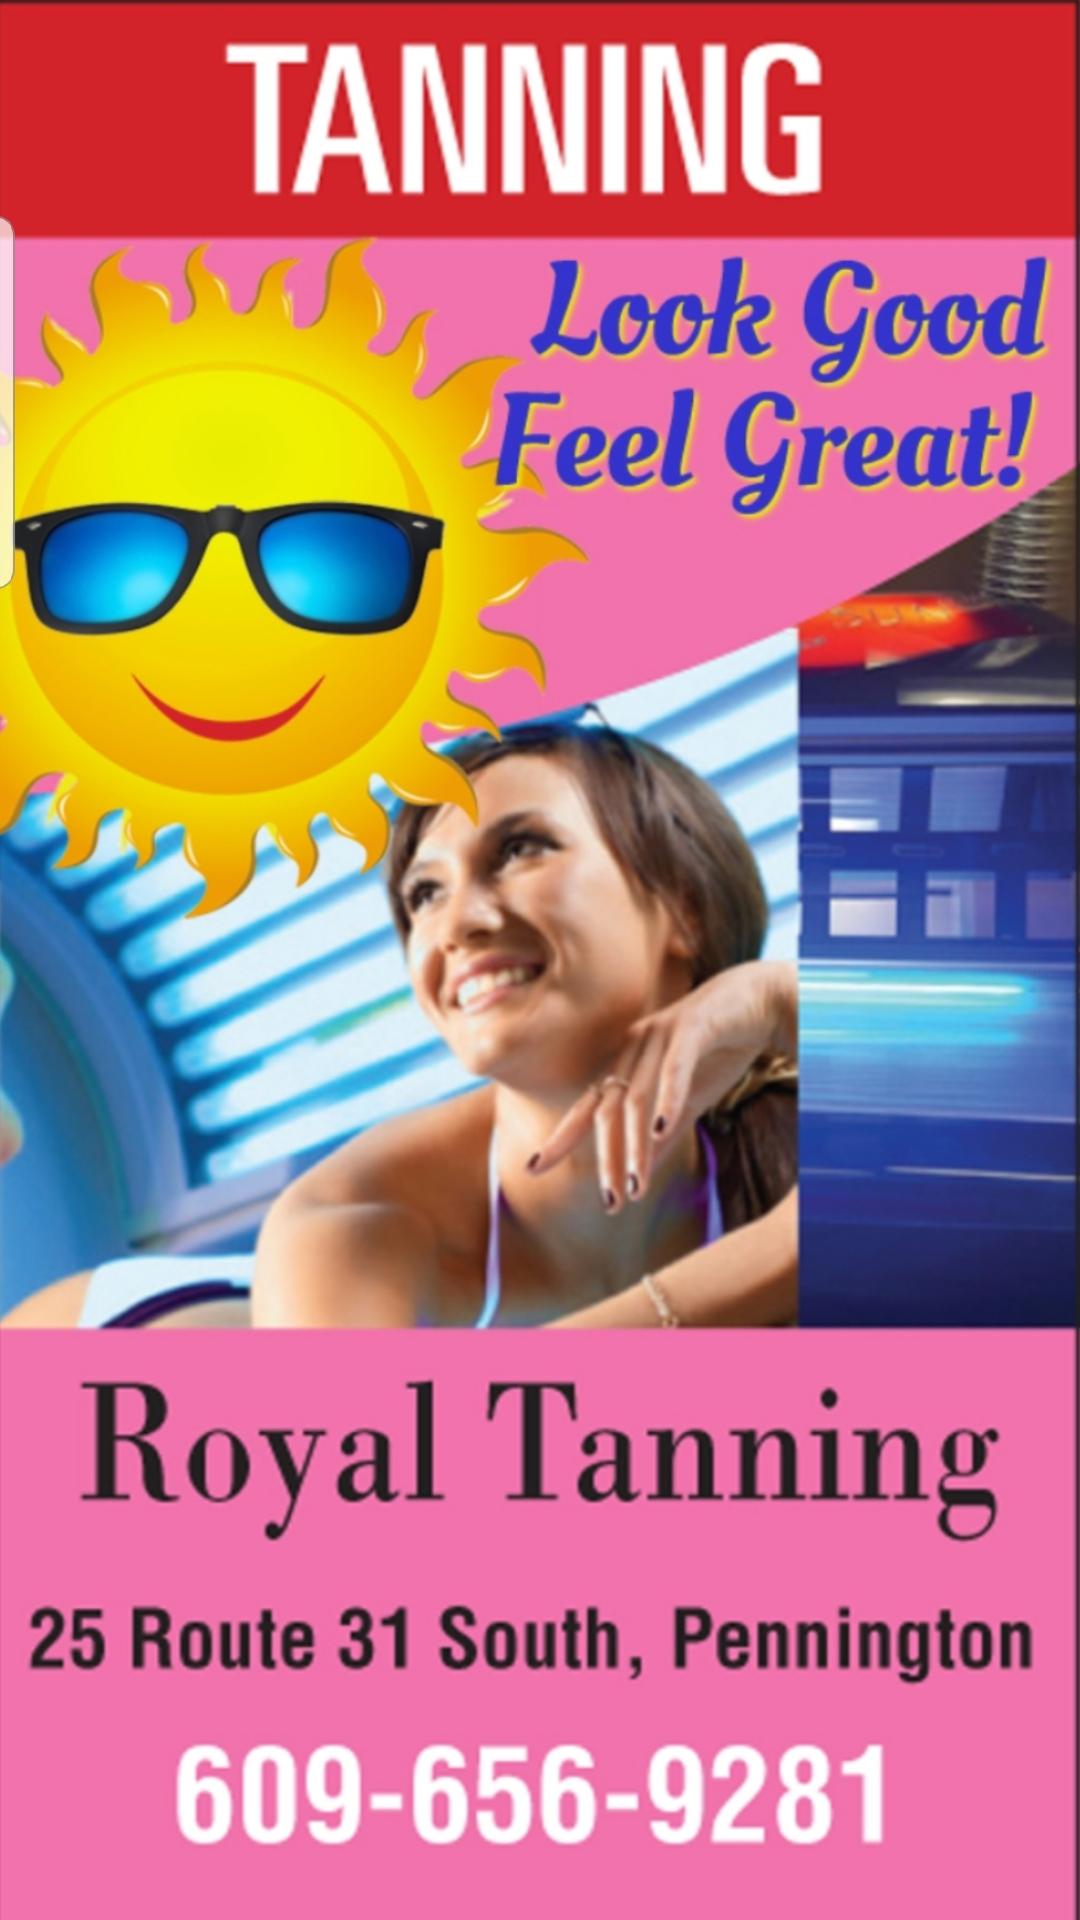 Royal Tanning image 3